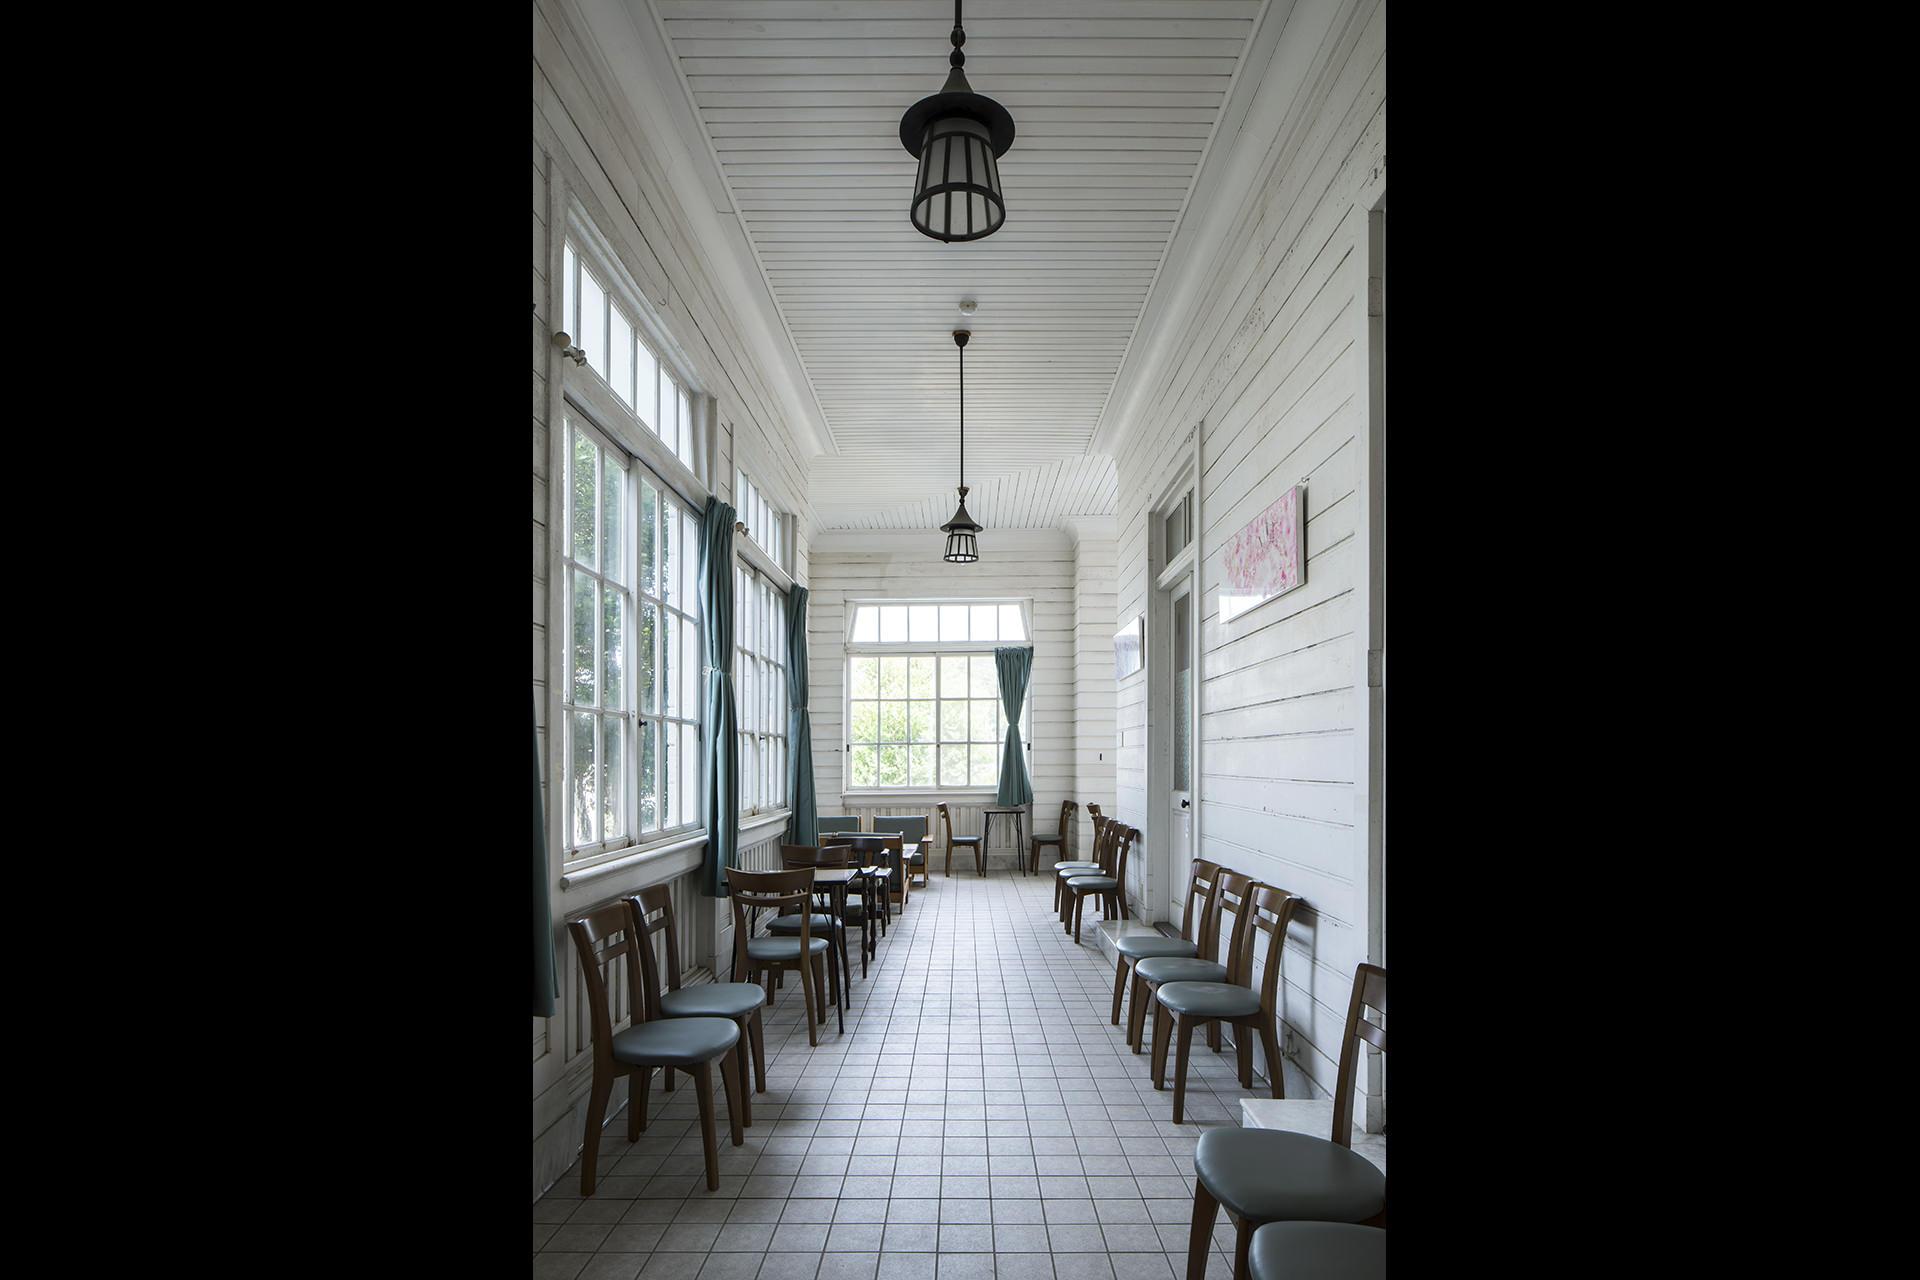 旧東伏見宮別邸 撮影イメージ06 撮影:東涌写真事務所・東涌宏和